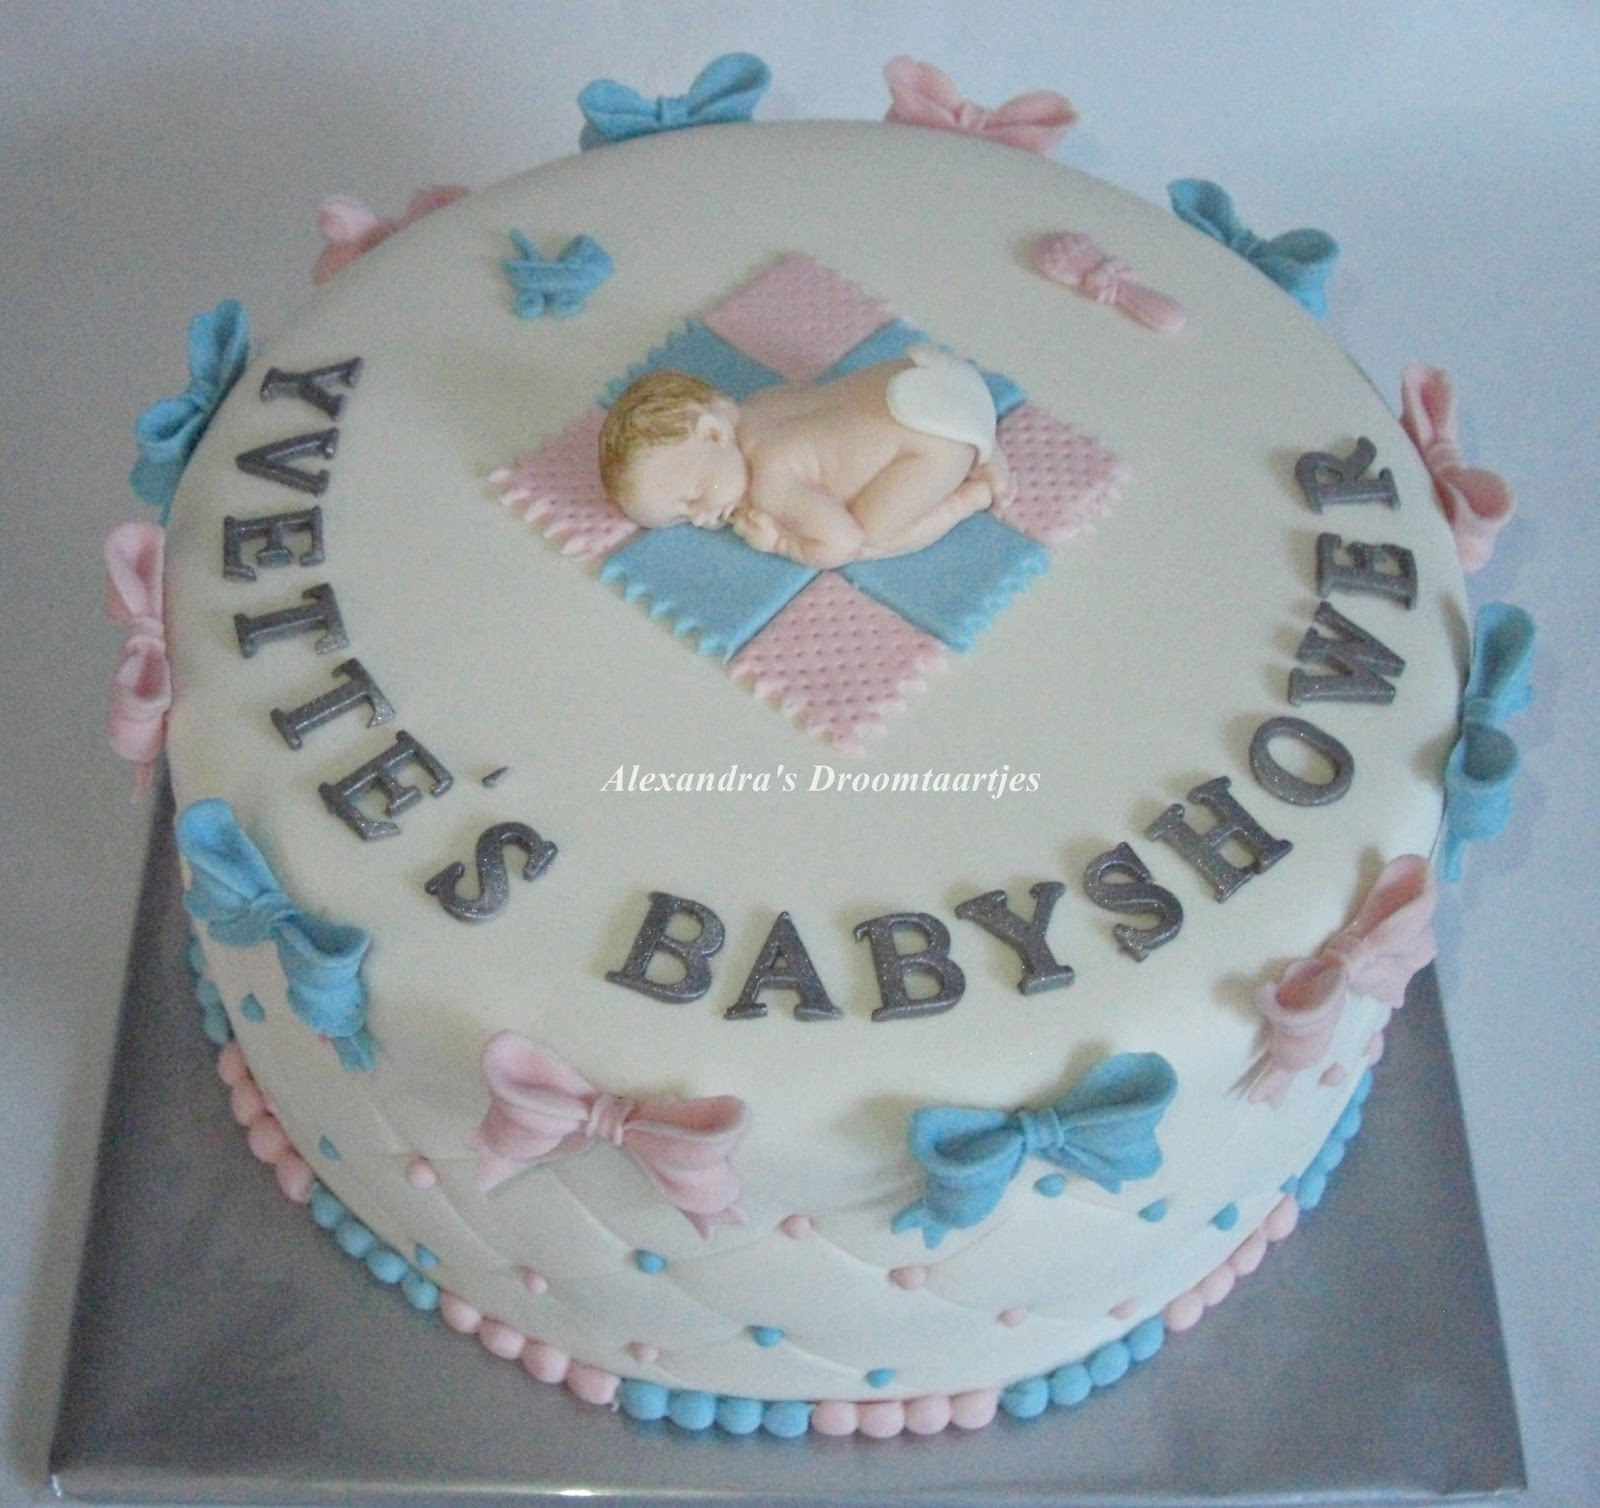 babyshower taart maken Babyshower taart / cake | Alexandra's droomtaartjes babyshower taart maken